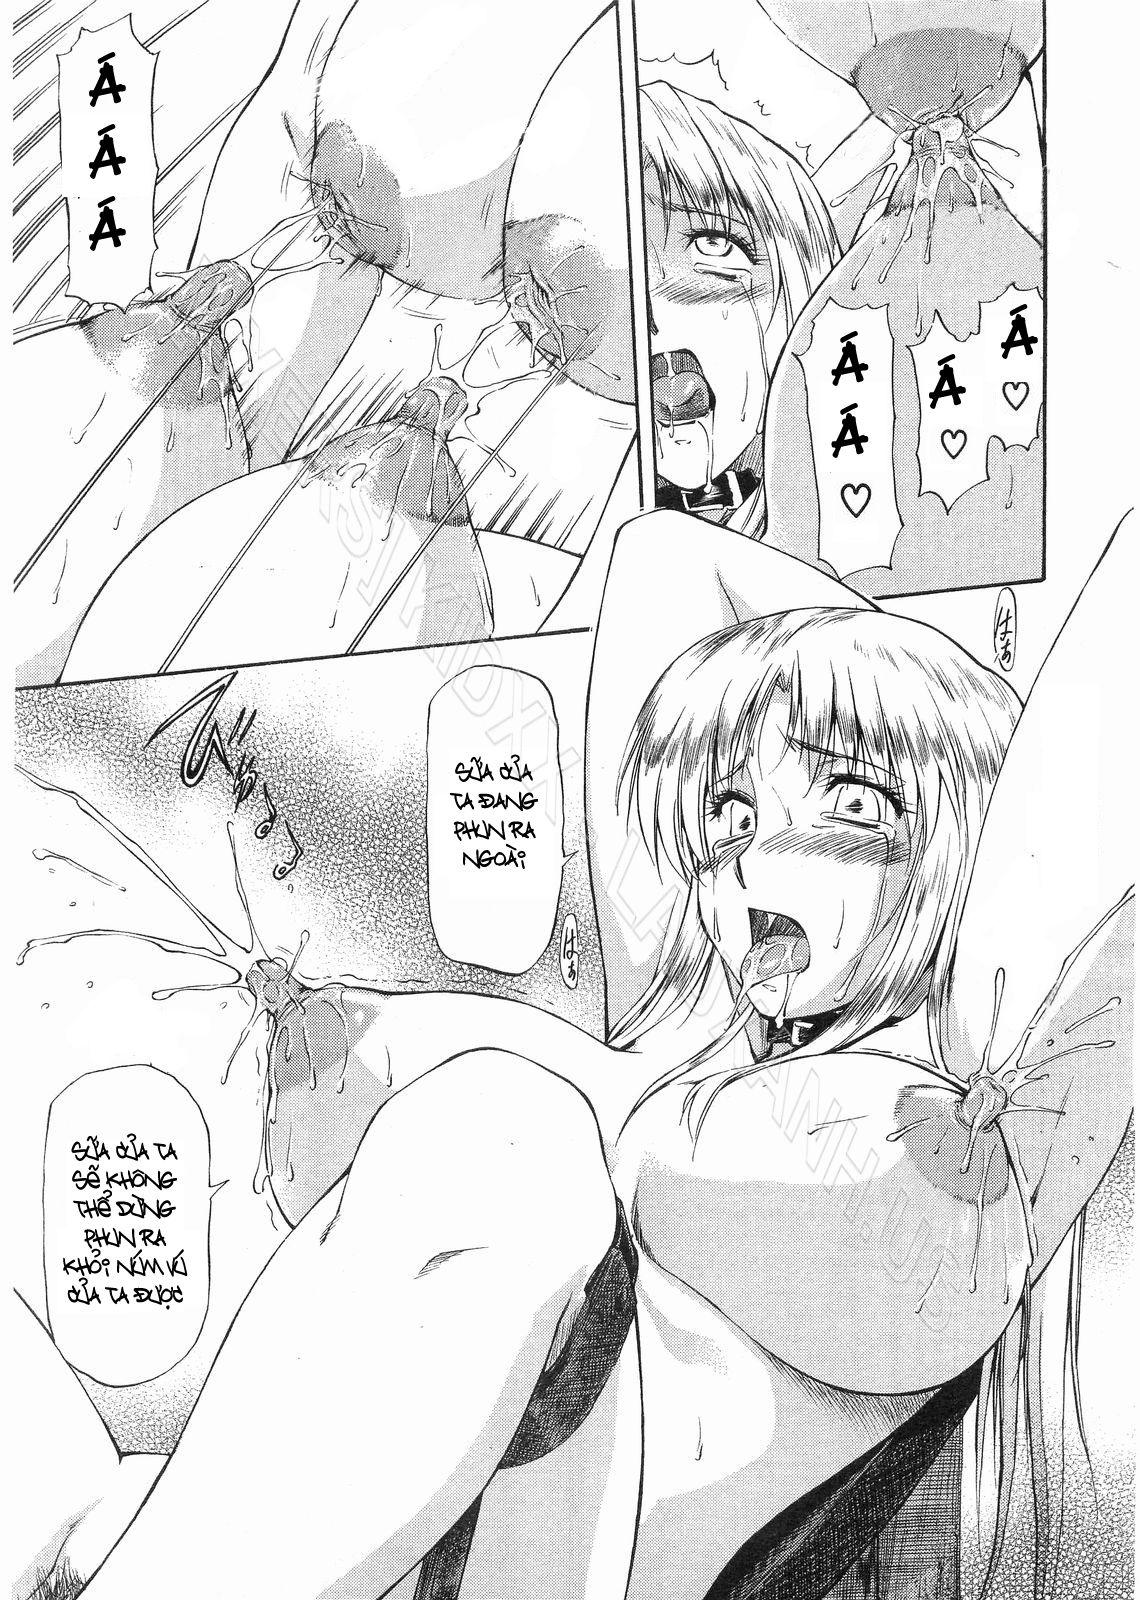 Hình ảnh Hinh_010 trong bài viết Truyện tranh hentai không che: Parabellum